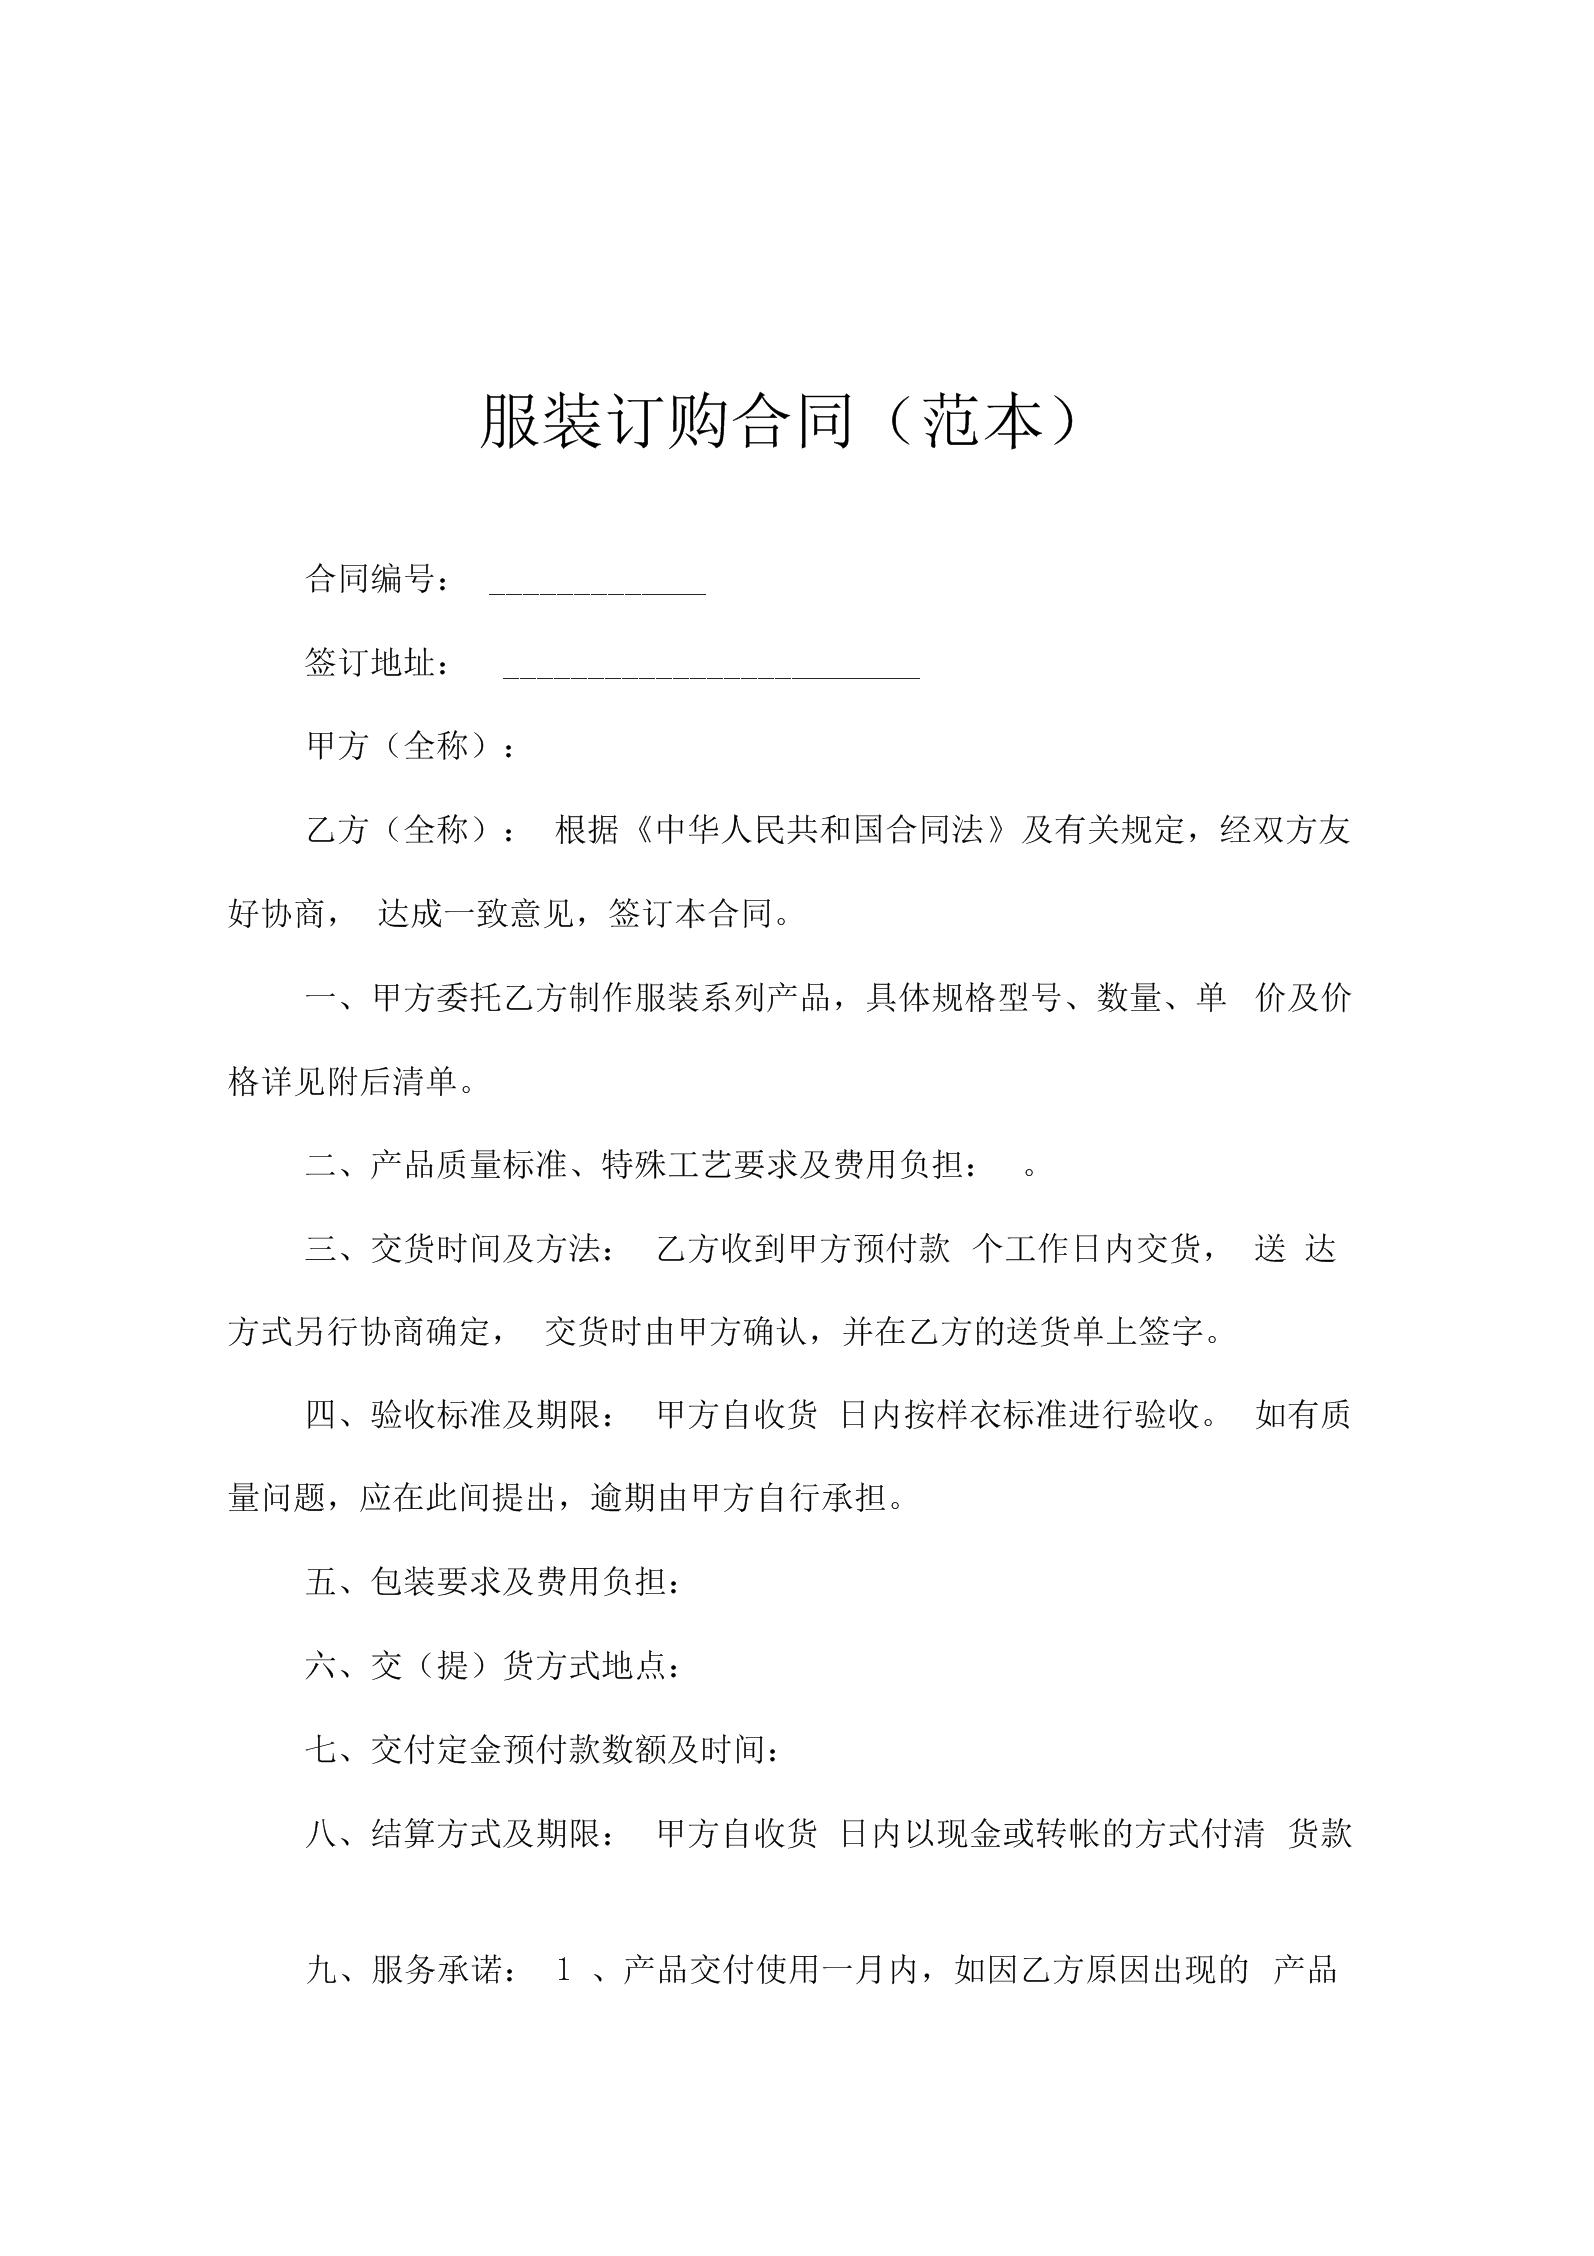 服装订购合同(范本).docx